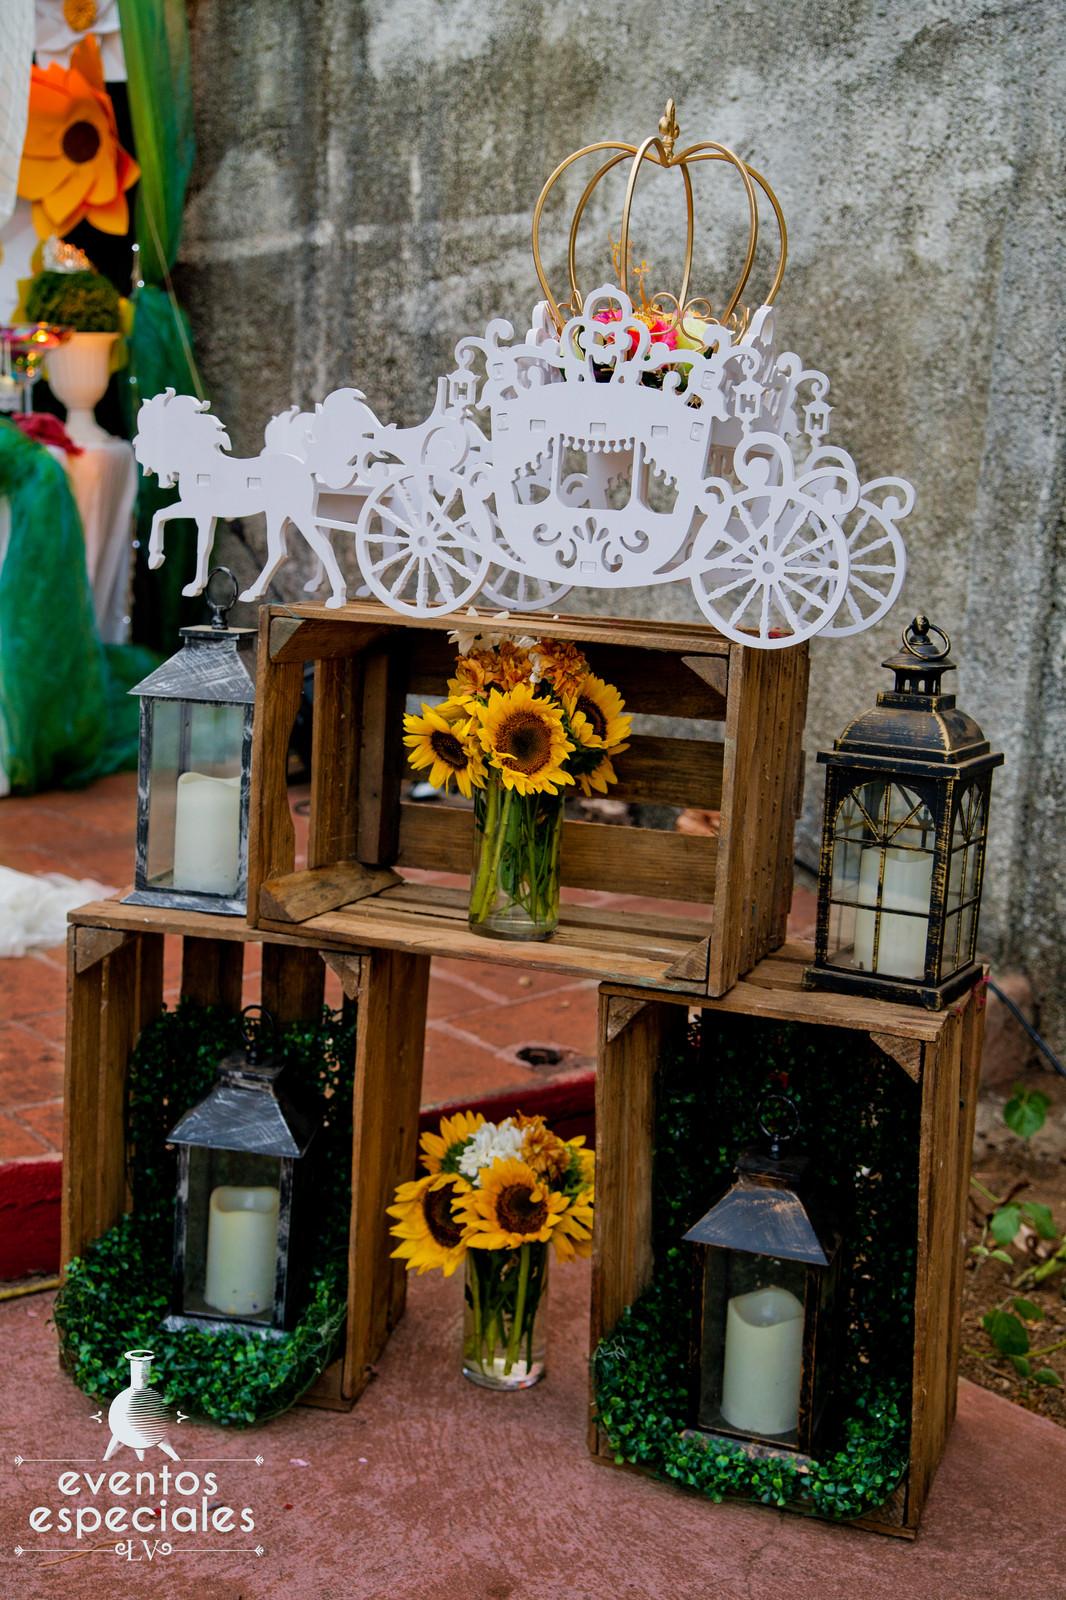 Carroza Decorativa Decoracion Con Lamparas Maderas Y Girasoles